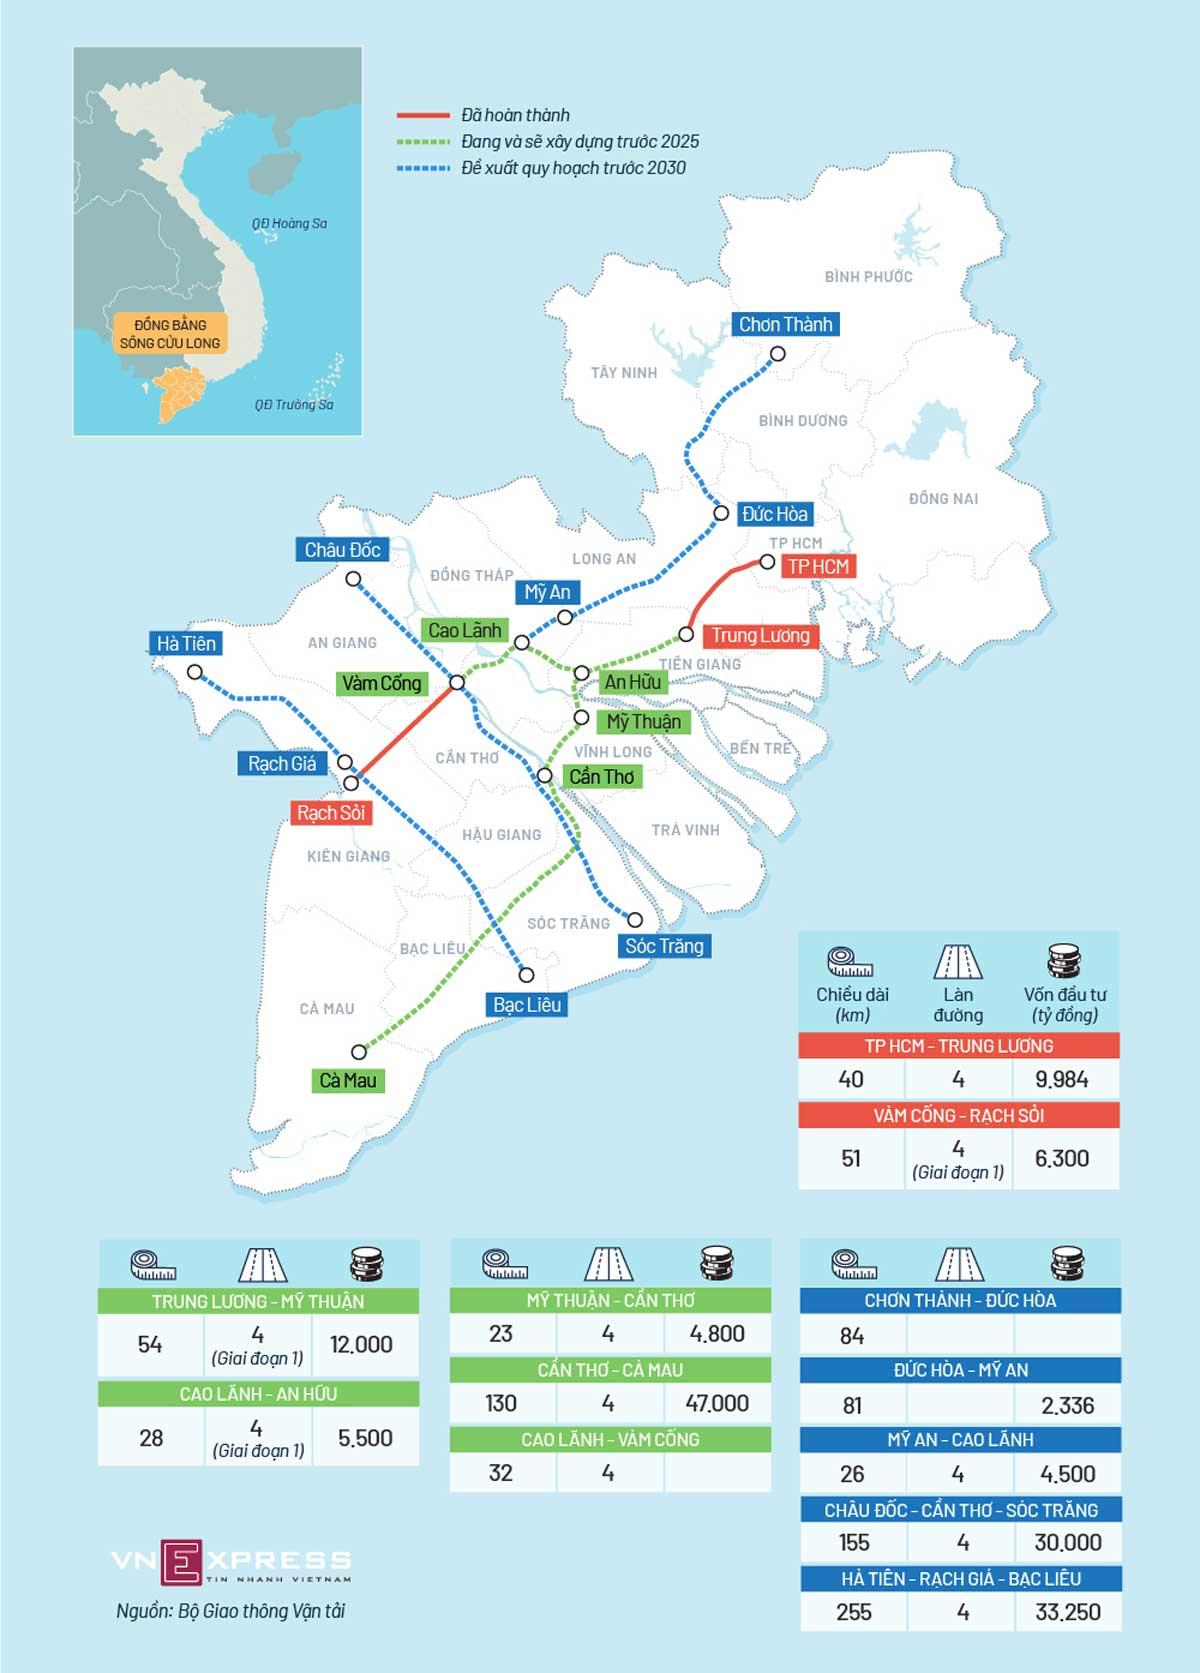 Quy hoach cao toc o dong bang song Cuu Long 5 nam toi - Đường Cao tốc Mỹ Thuận Cần Thơ chính thức khởi công tháng 12/2020